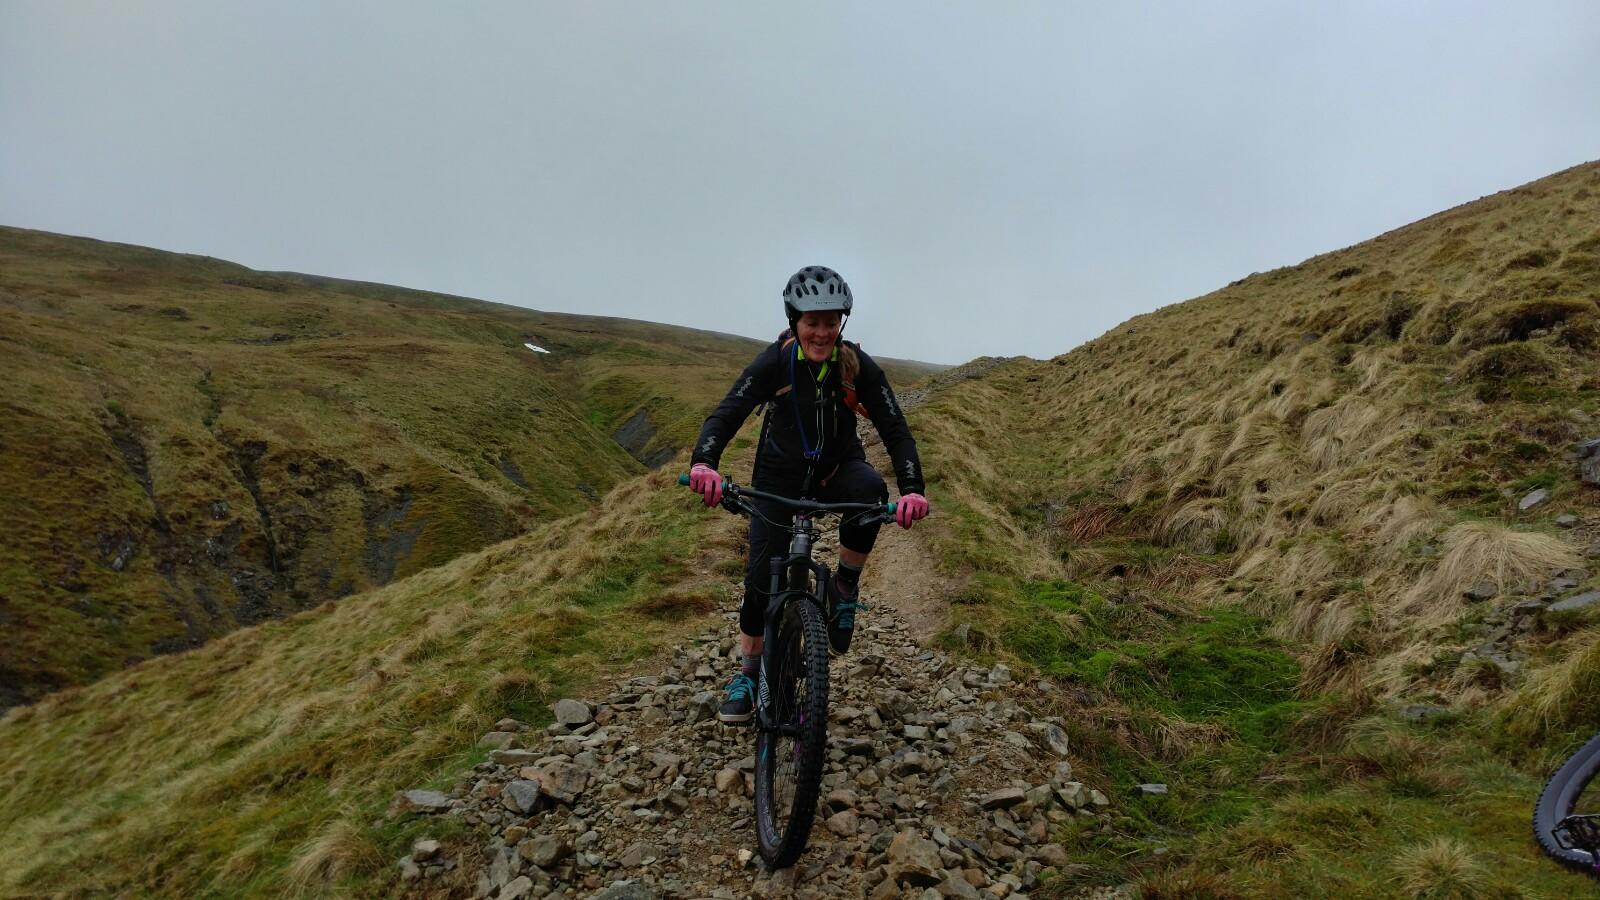 Mountain biking on Helvellyn